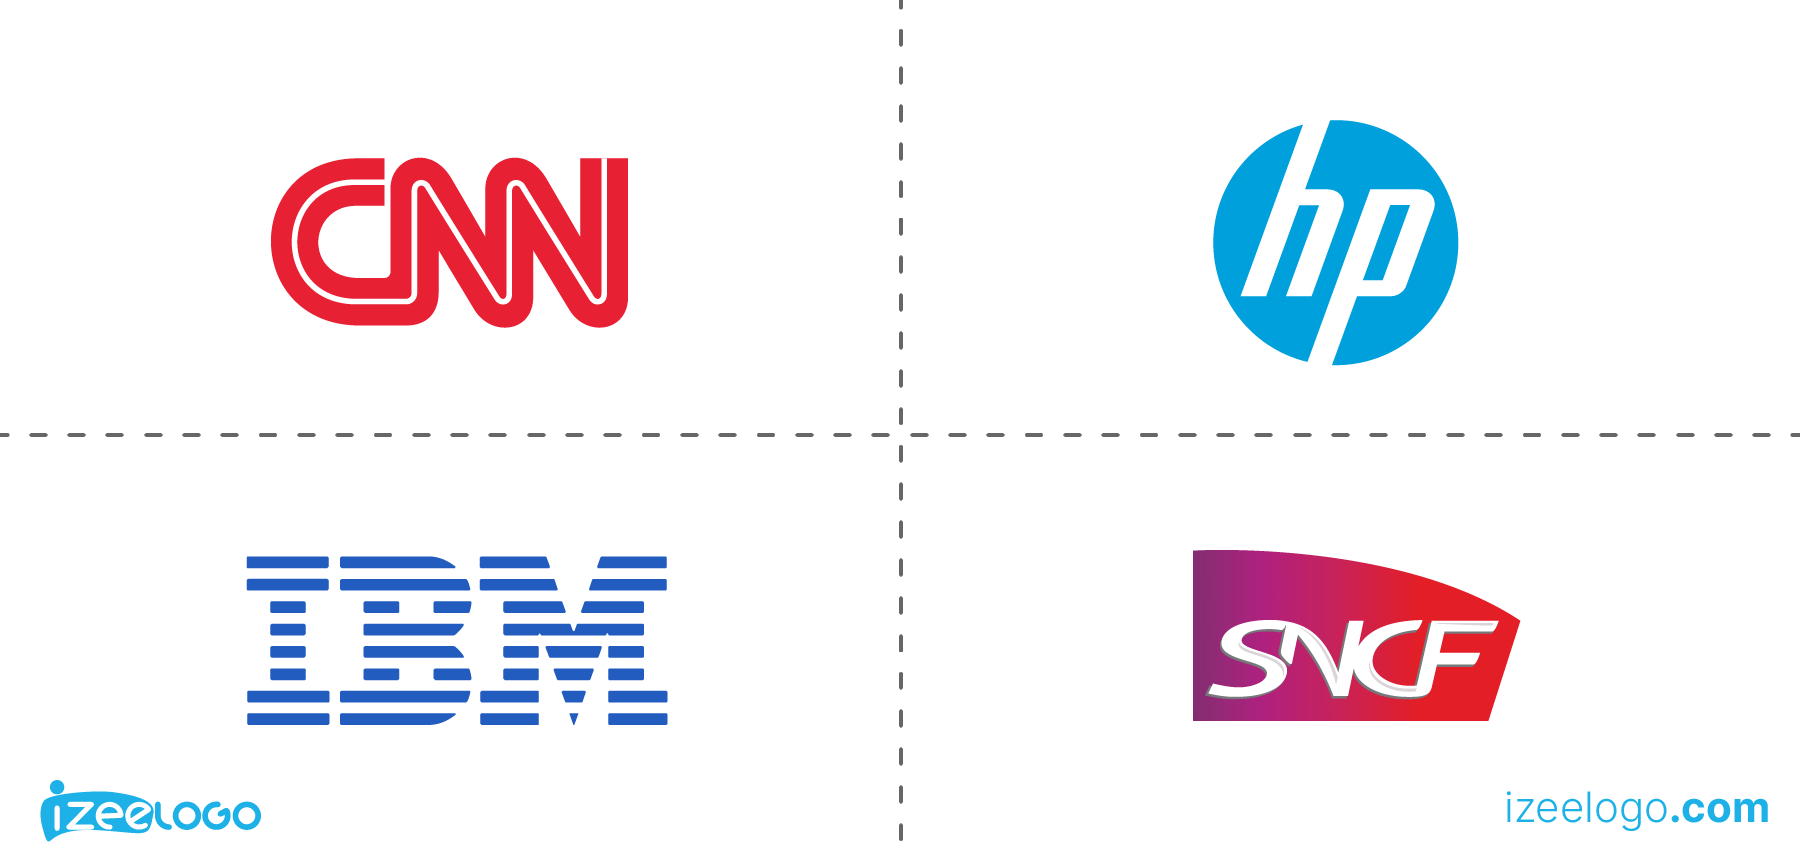 Exemples de logo monogramme : logo CNN, logo IBM, logo HP PNG et logo SNCF PNG.